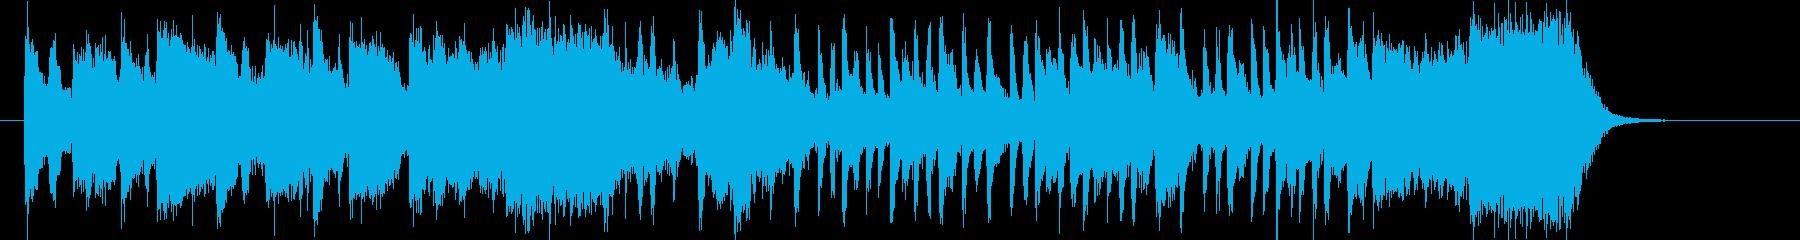 明るく元気でアップテンポで広がりのある曲の再生済みの波形